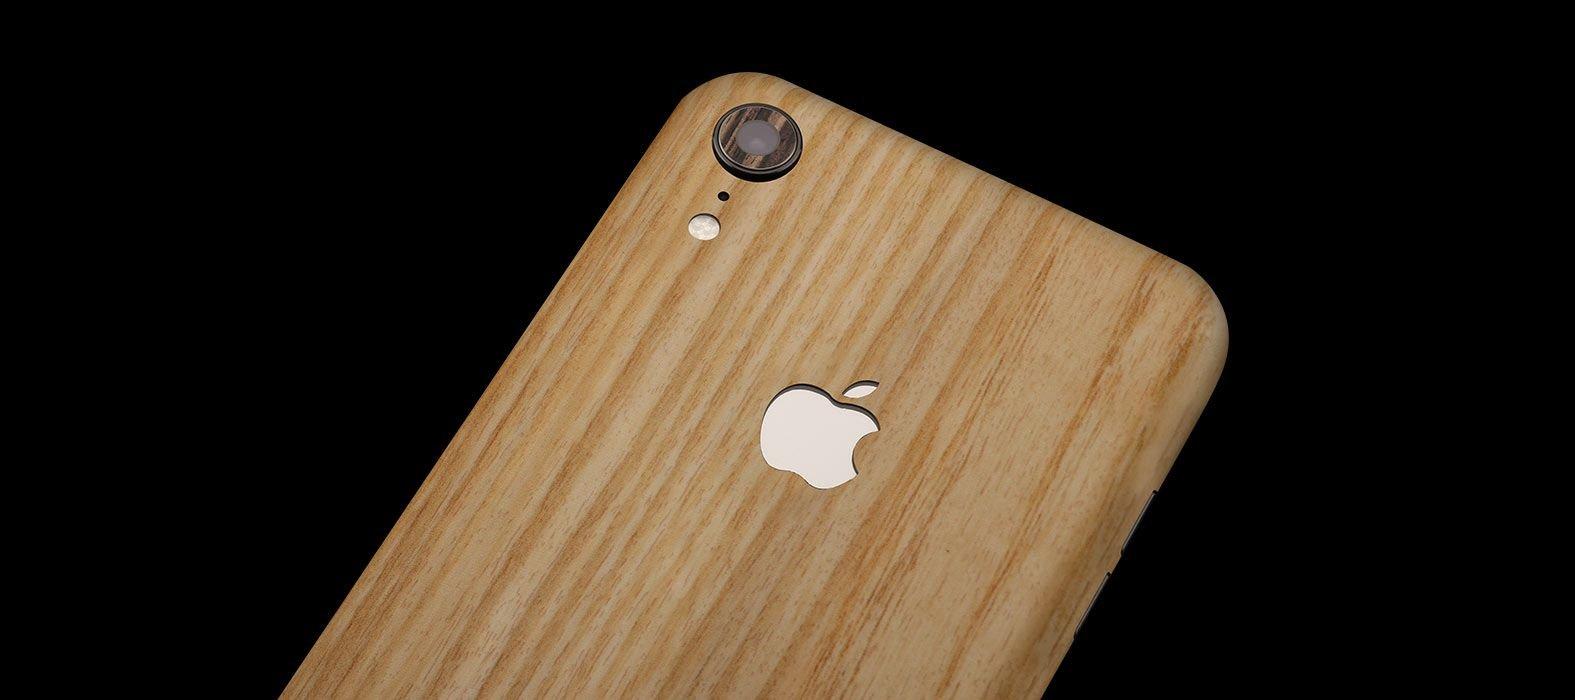 iPhone-XR_Bamboo-Wood_Skins